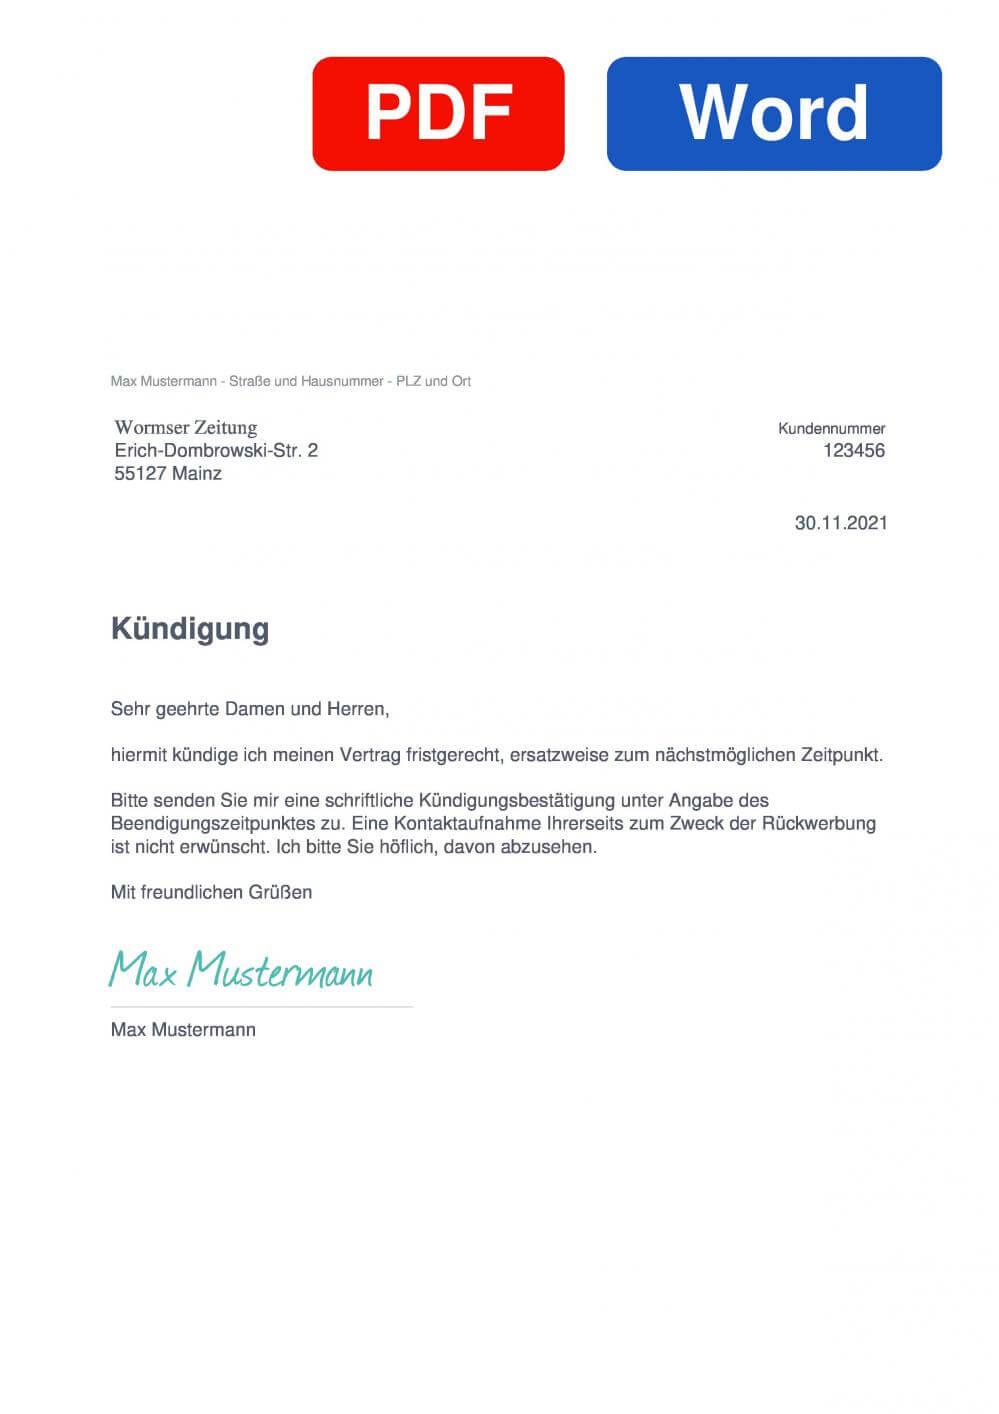 Wormser Zeitung Muster Vorlage für Kündigungsschreiben